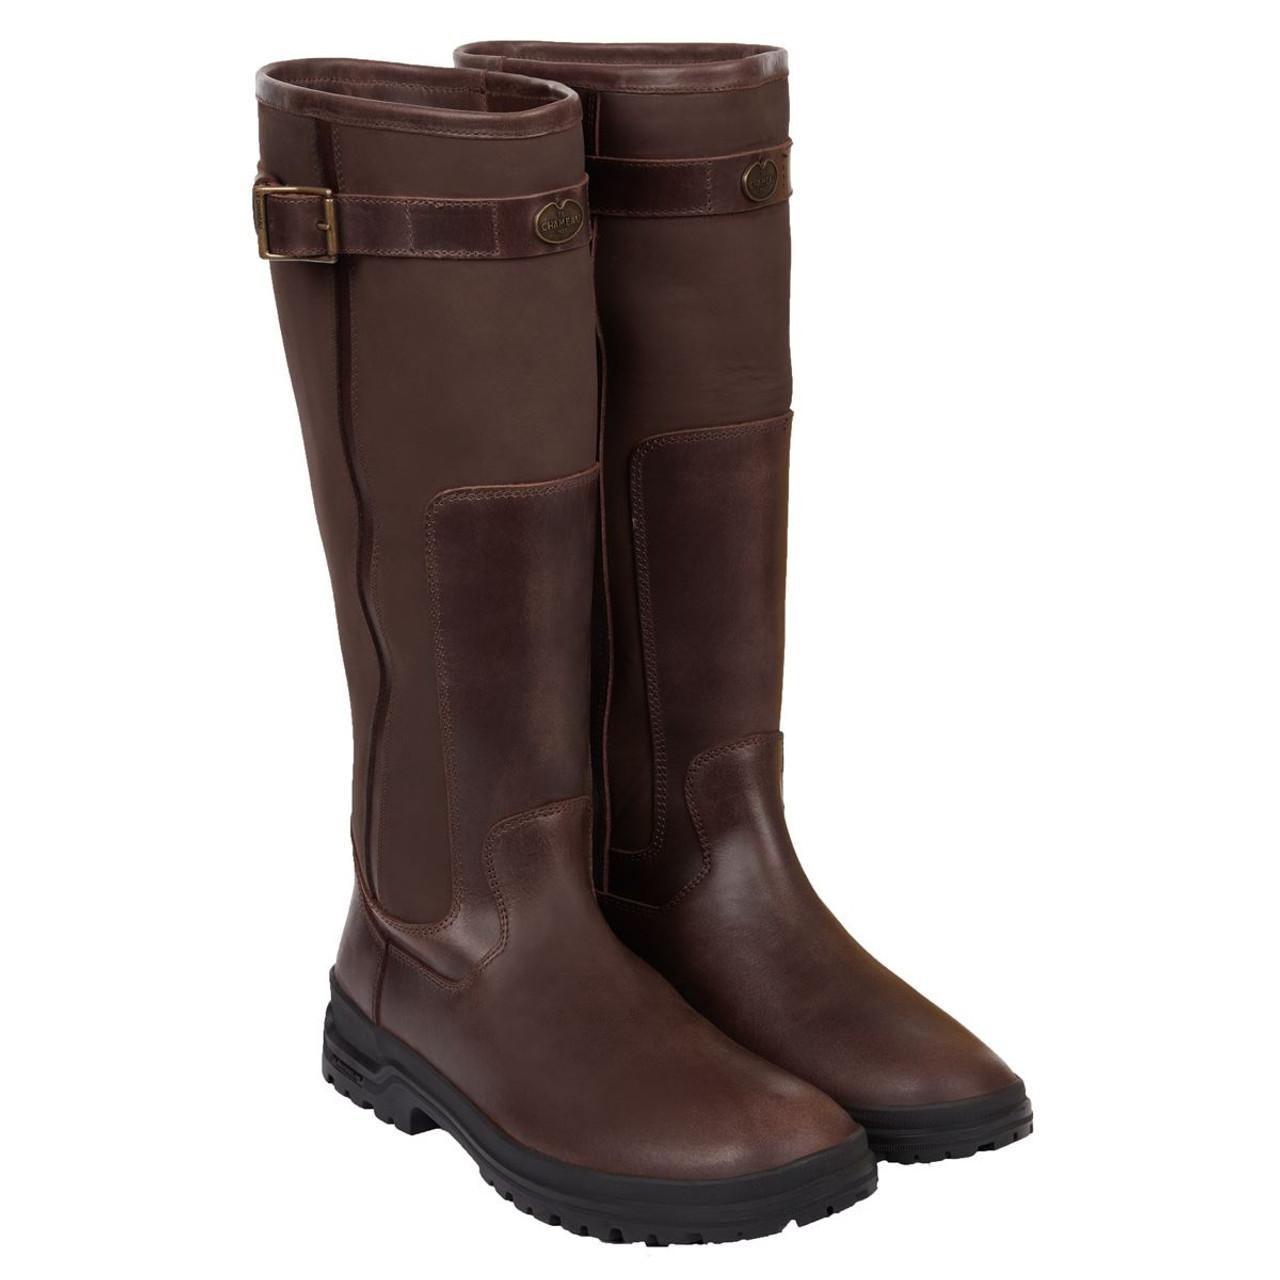 Le Chameau Classic Label Ladies Chasseur Neo Boots